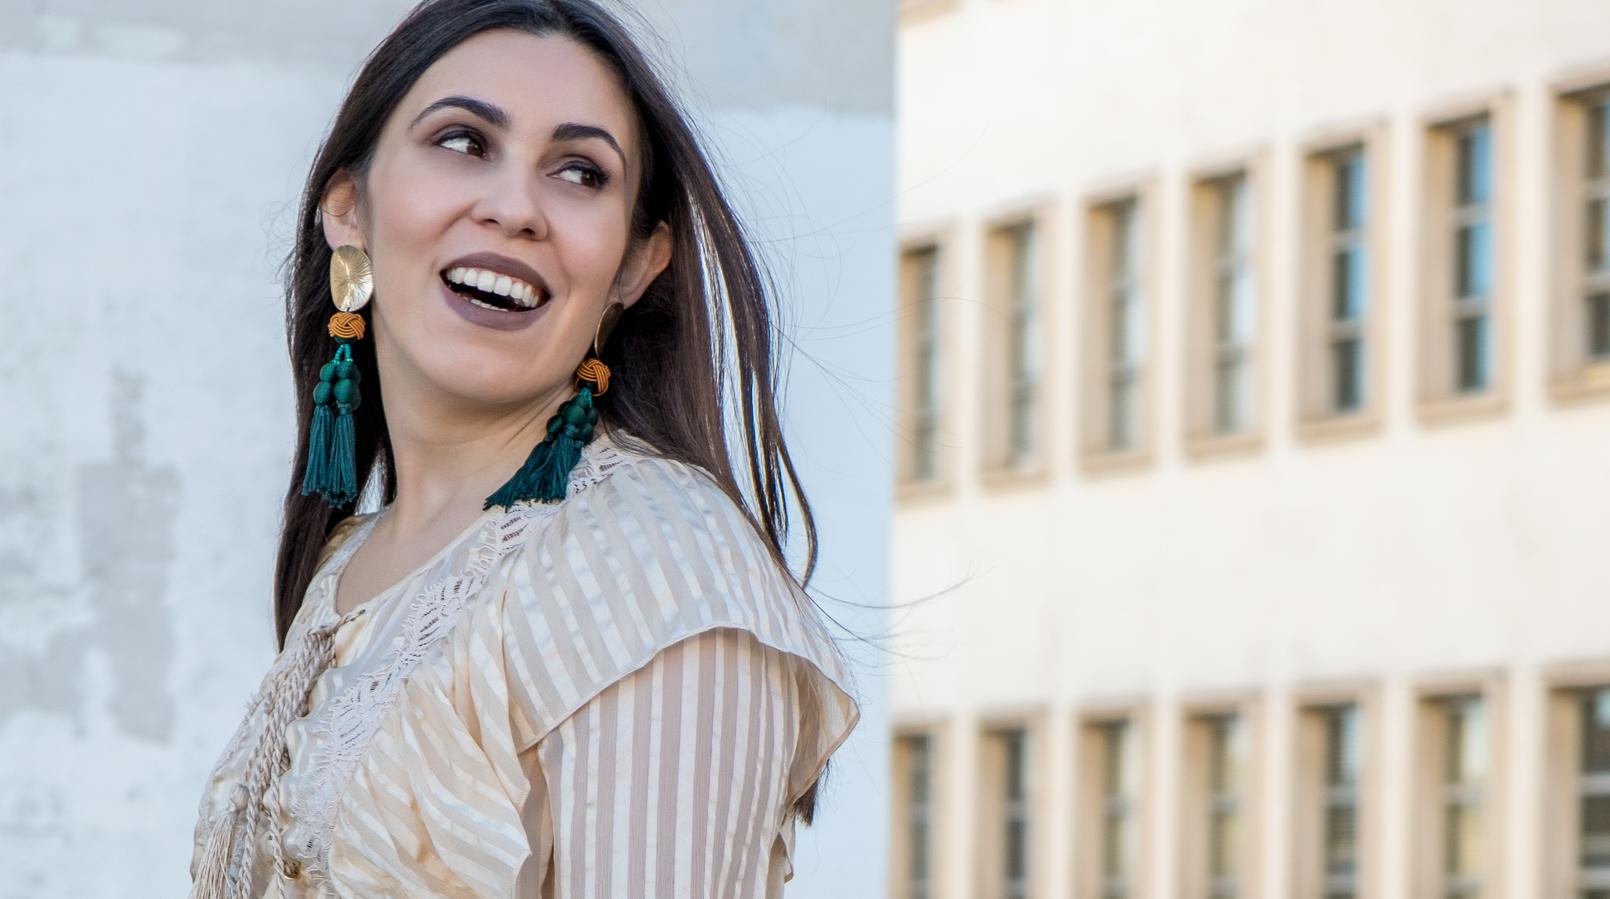 Le Fashionaire 3 Razões para preferir camisas de seda blusa seda amoreira riscas bege cordoes atilhos uterque brincos verdes franjas dourados zara 0718F PT